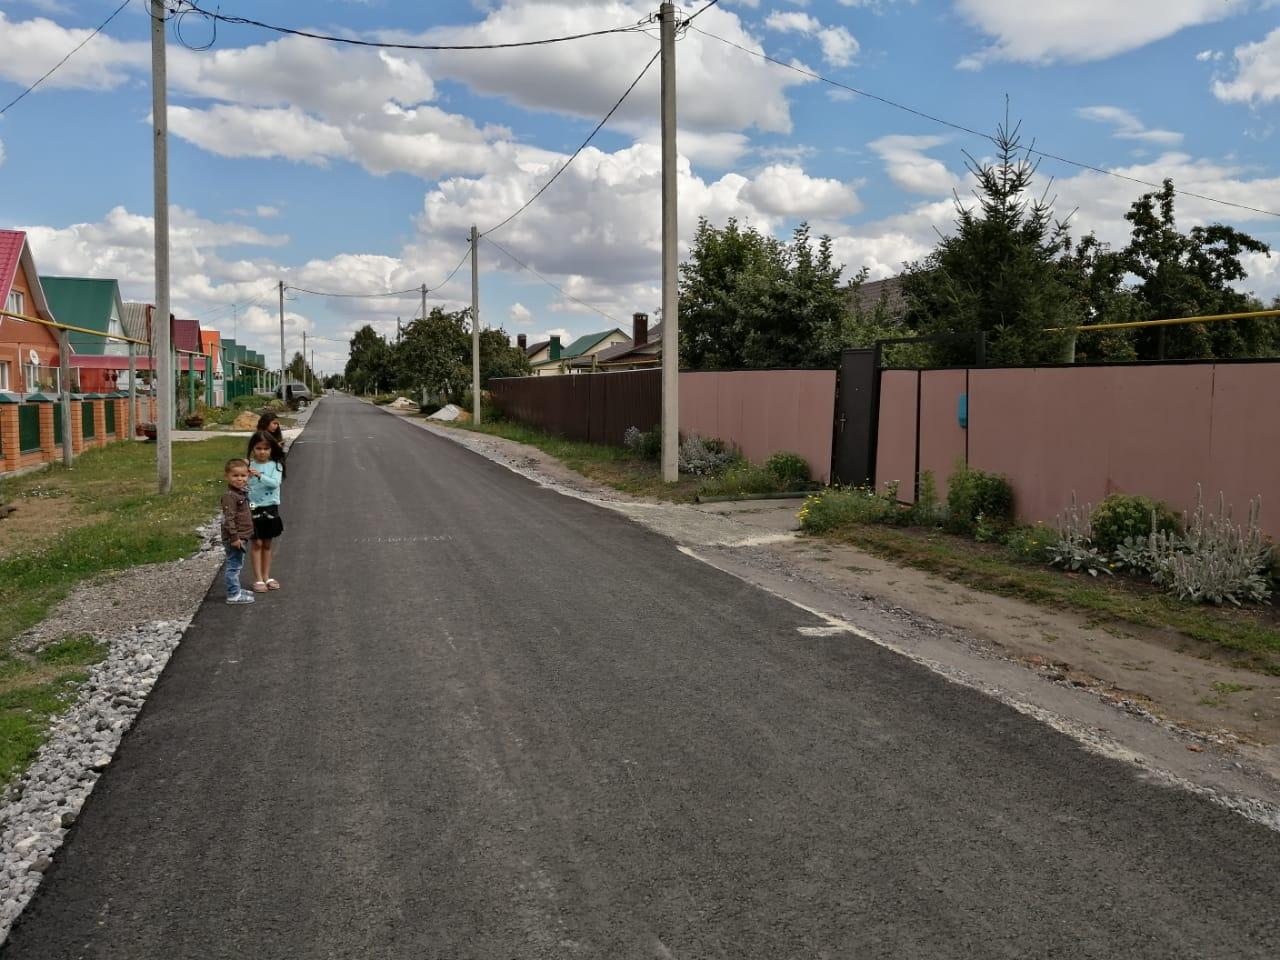 В рамках нацпроекта в Тамбовской области ремонтируют 5 улиц, названных в честь Победы